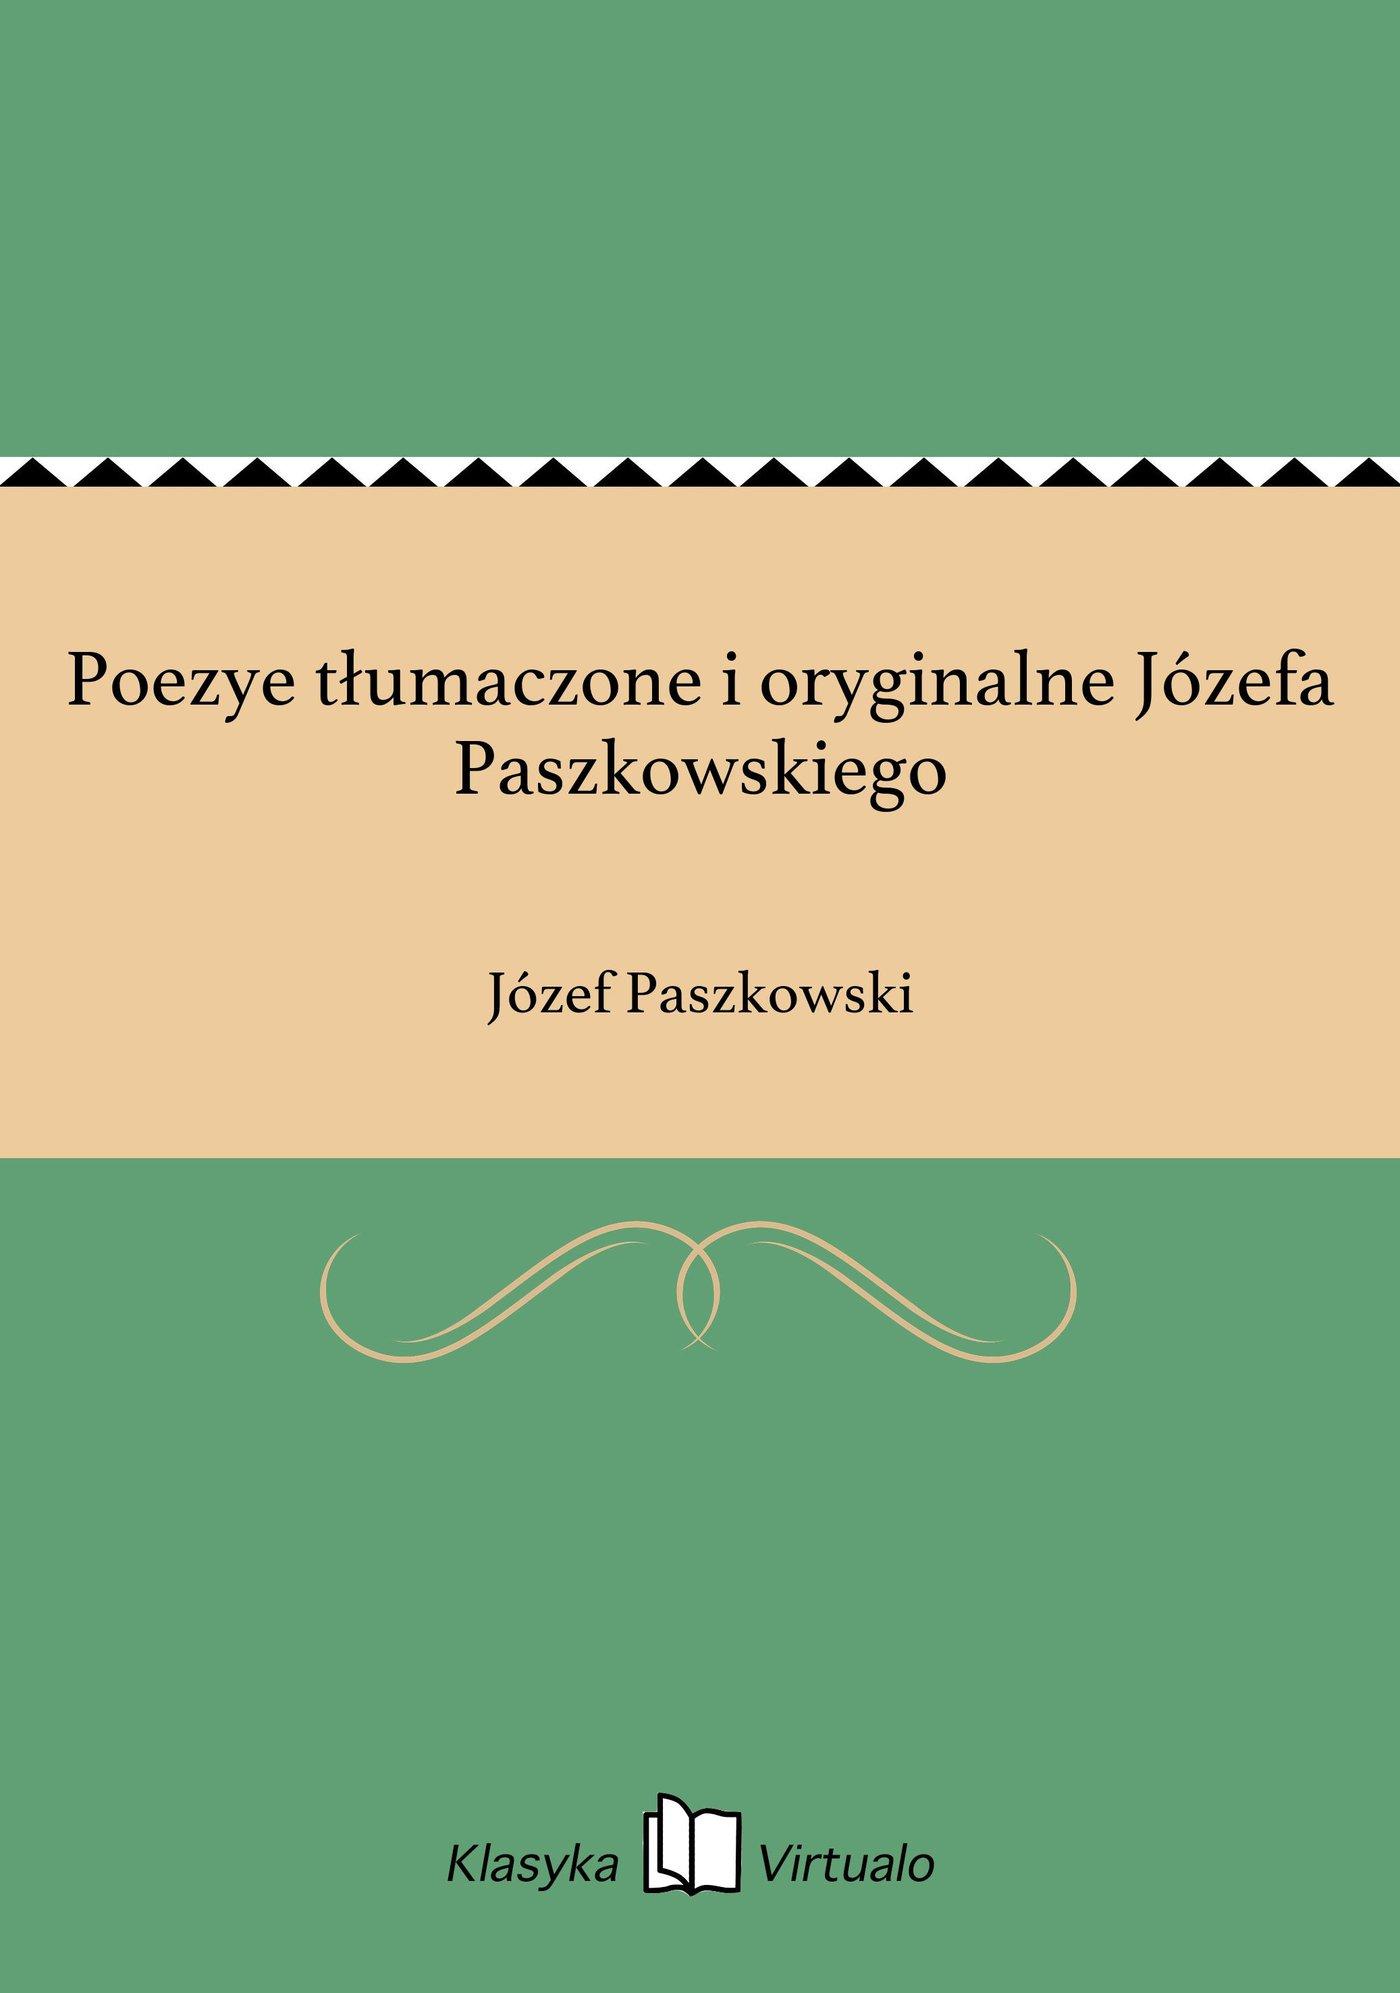 Poezye tłumaczone i oryginalne Józefa Paszkowskiego - Ebook (Książka na Kindle) do pobrania w formacie MOBI